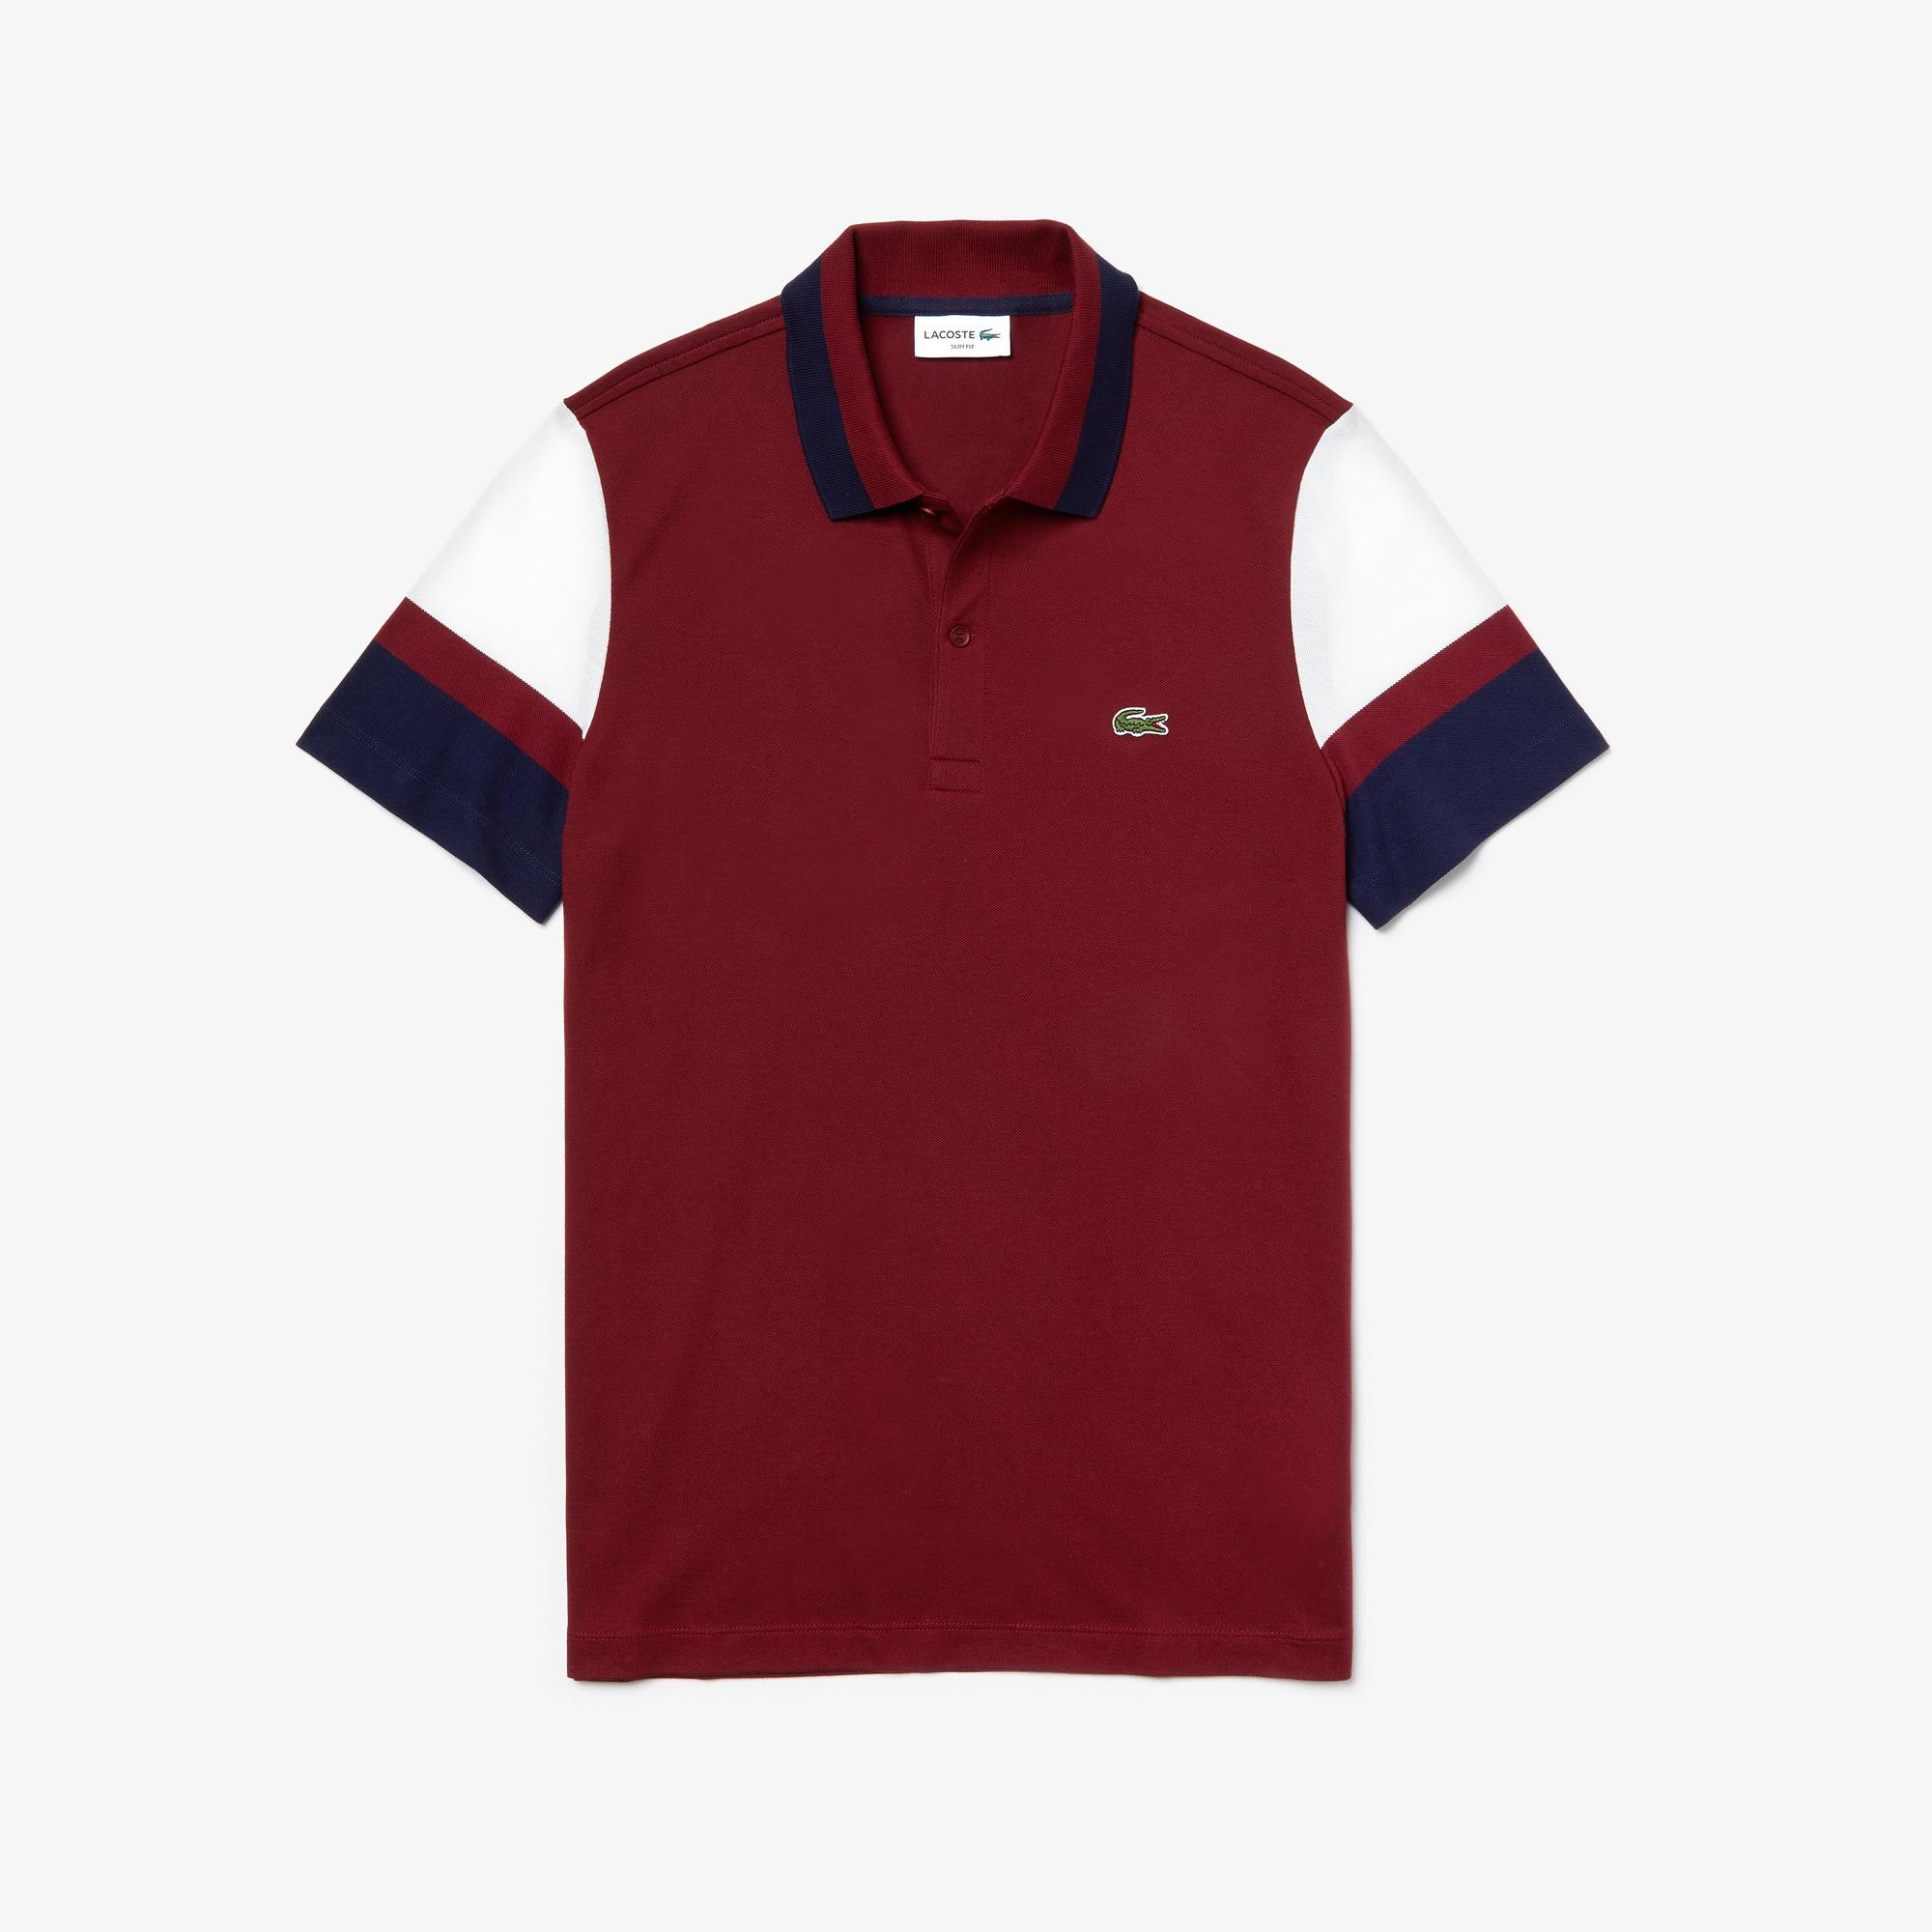 라코스테 스트레치 반팔 셔츠 (슬림핏) Lacoste Mens Slim Fit Stretch Pima Polo Shirt,Bordeaux / White / Navy Blue